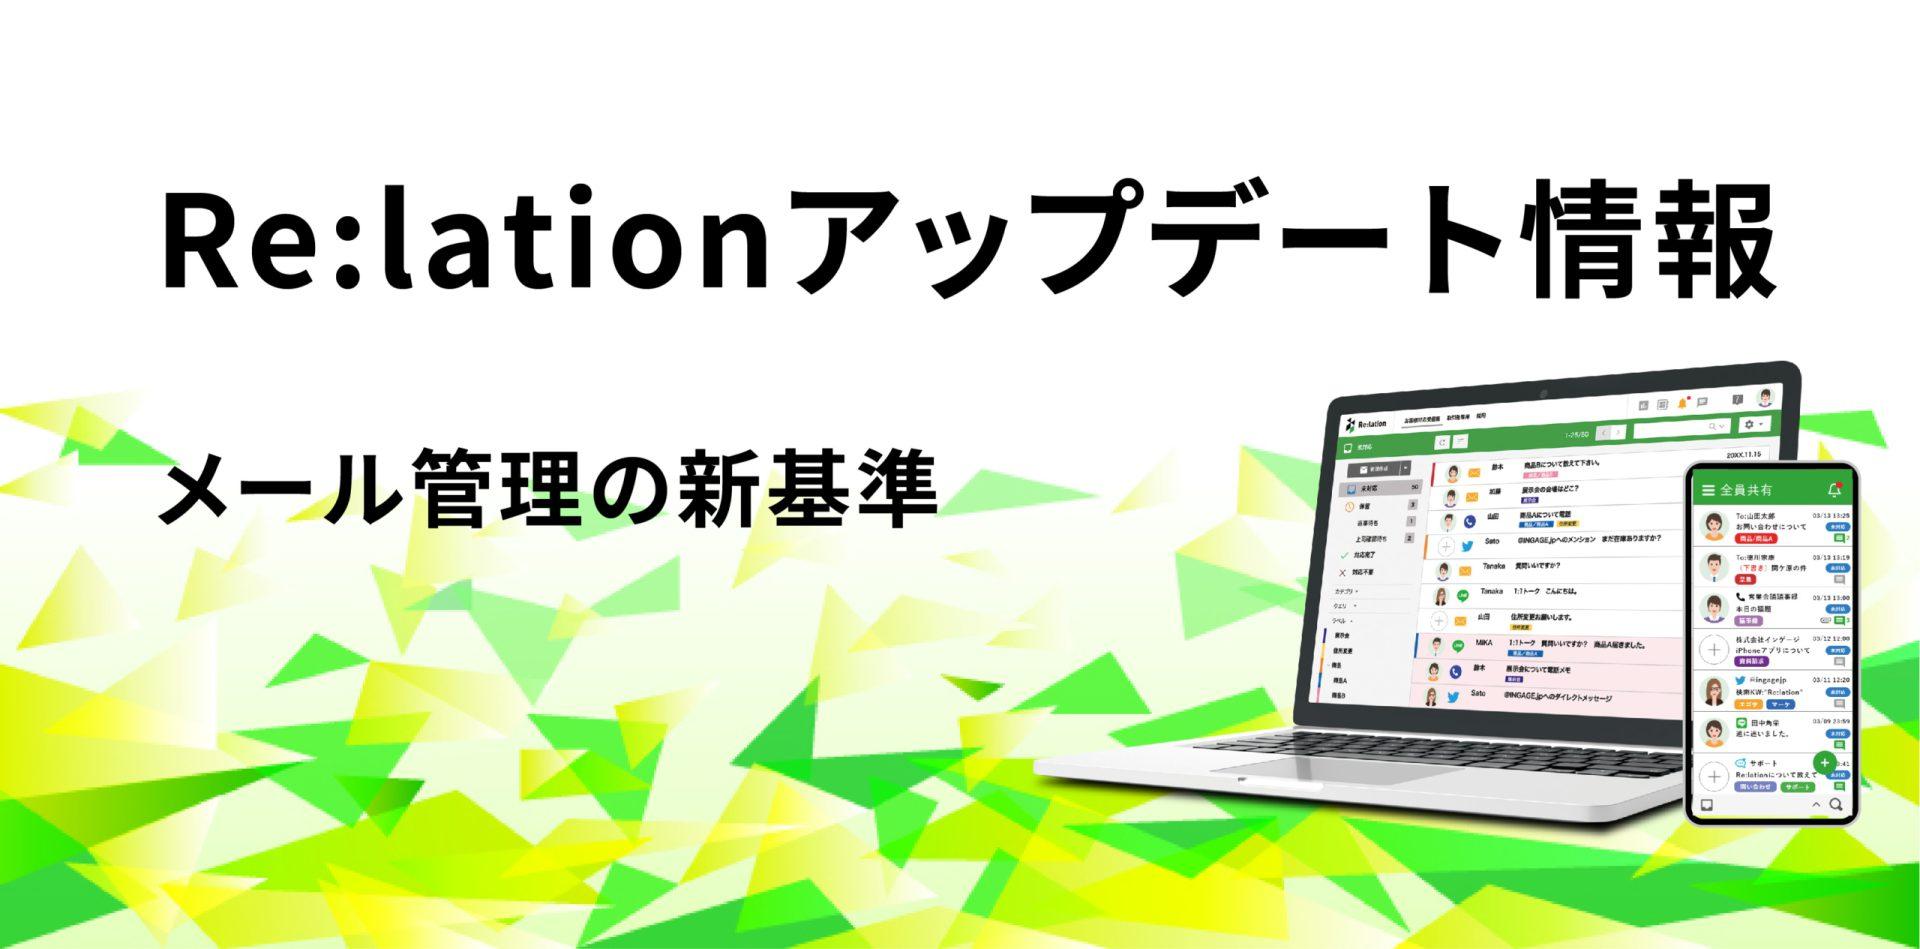 テレワーク時代のメール管理「Re:lation(リレーション)」2.4アップデート